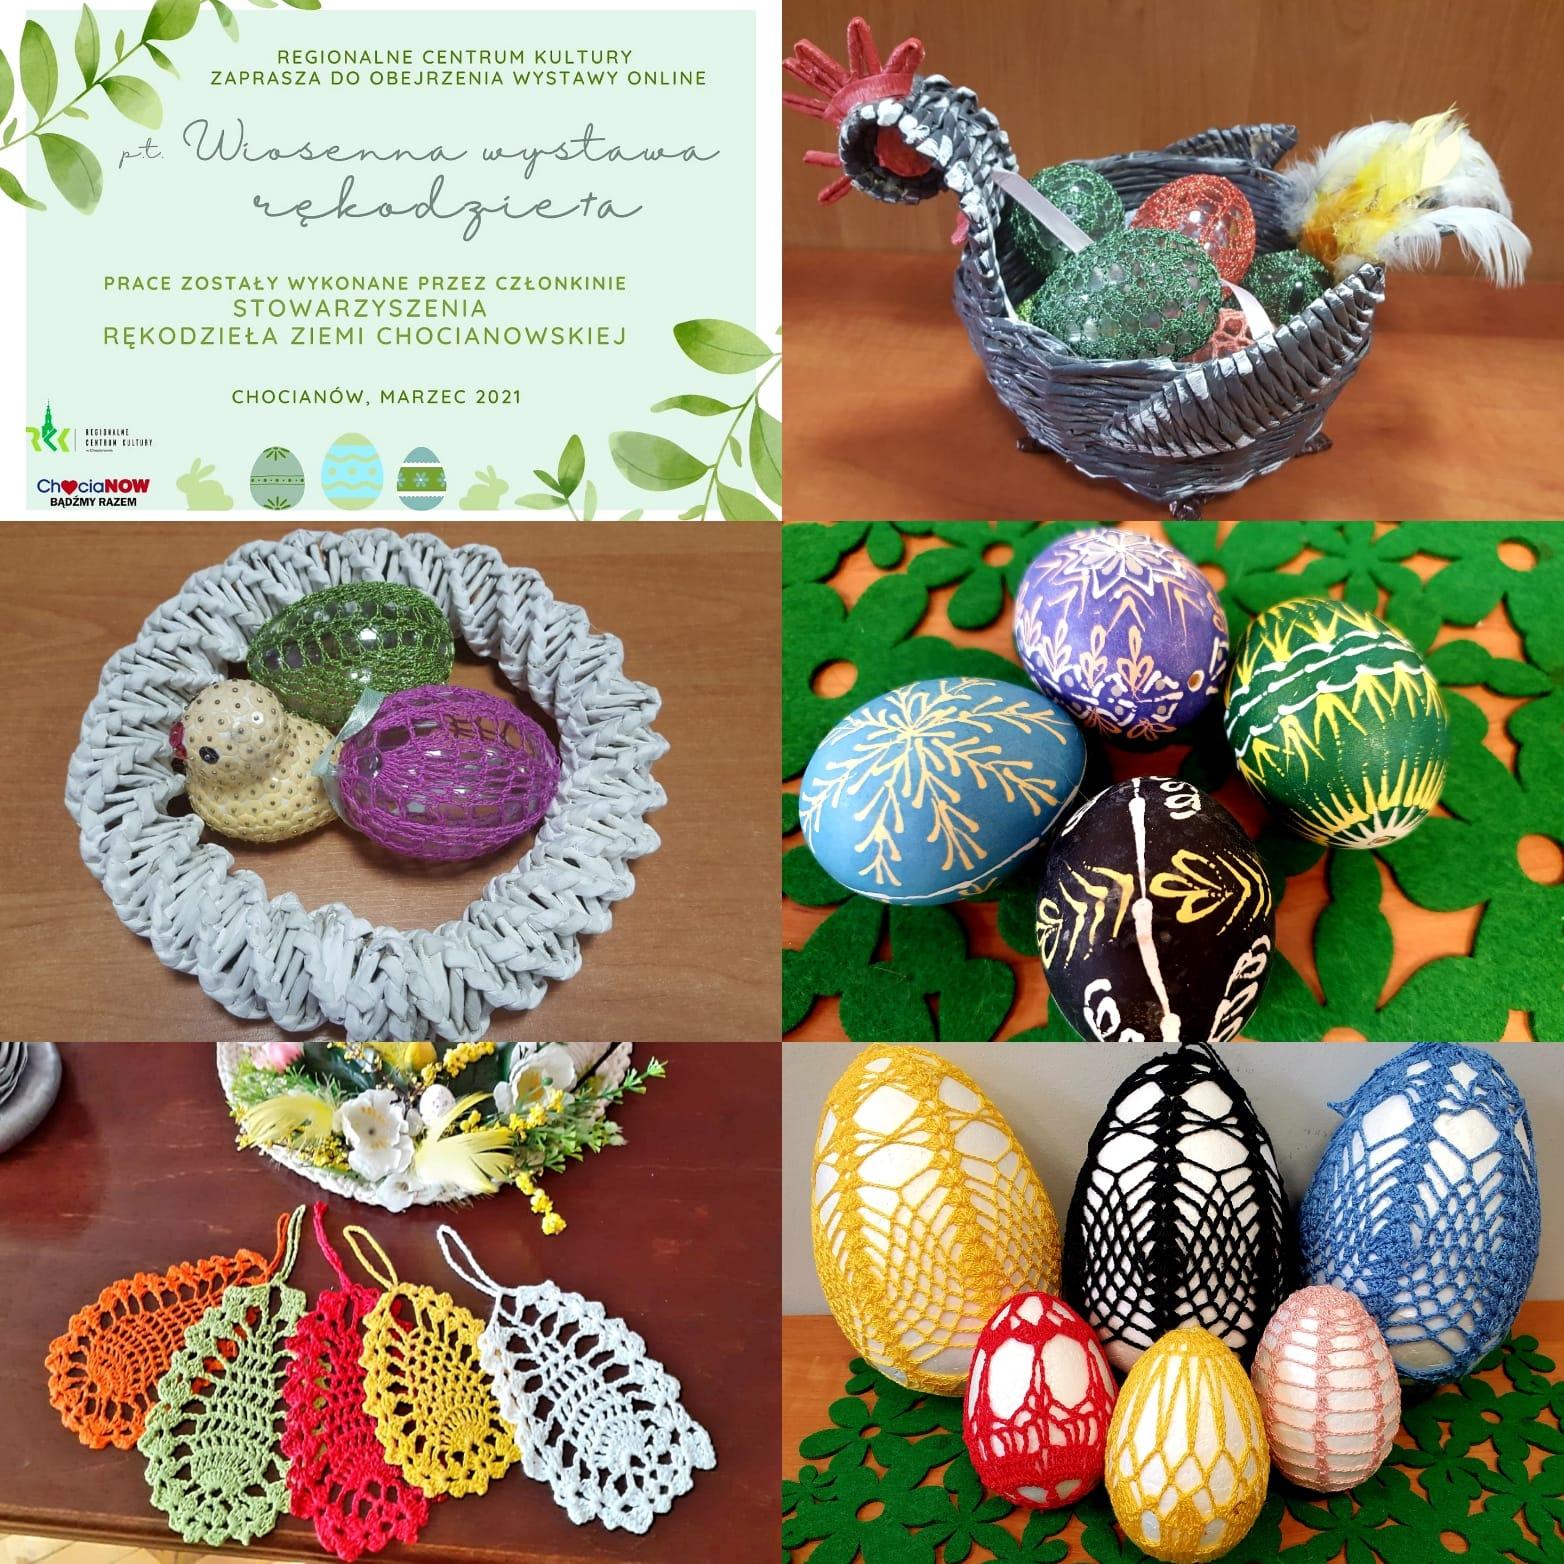 Wielkanocna wystawa on-line (galeria zdjęć)